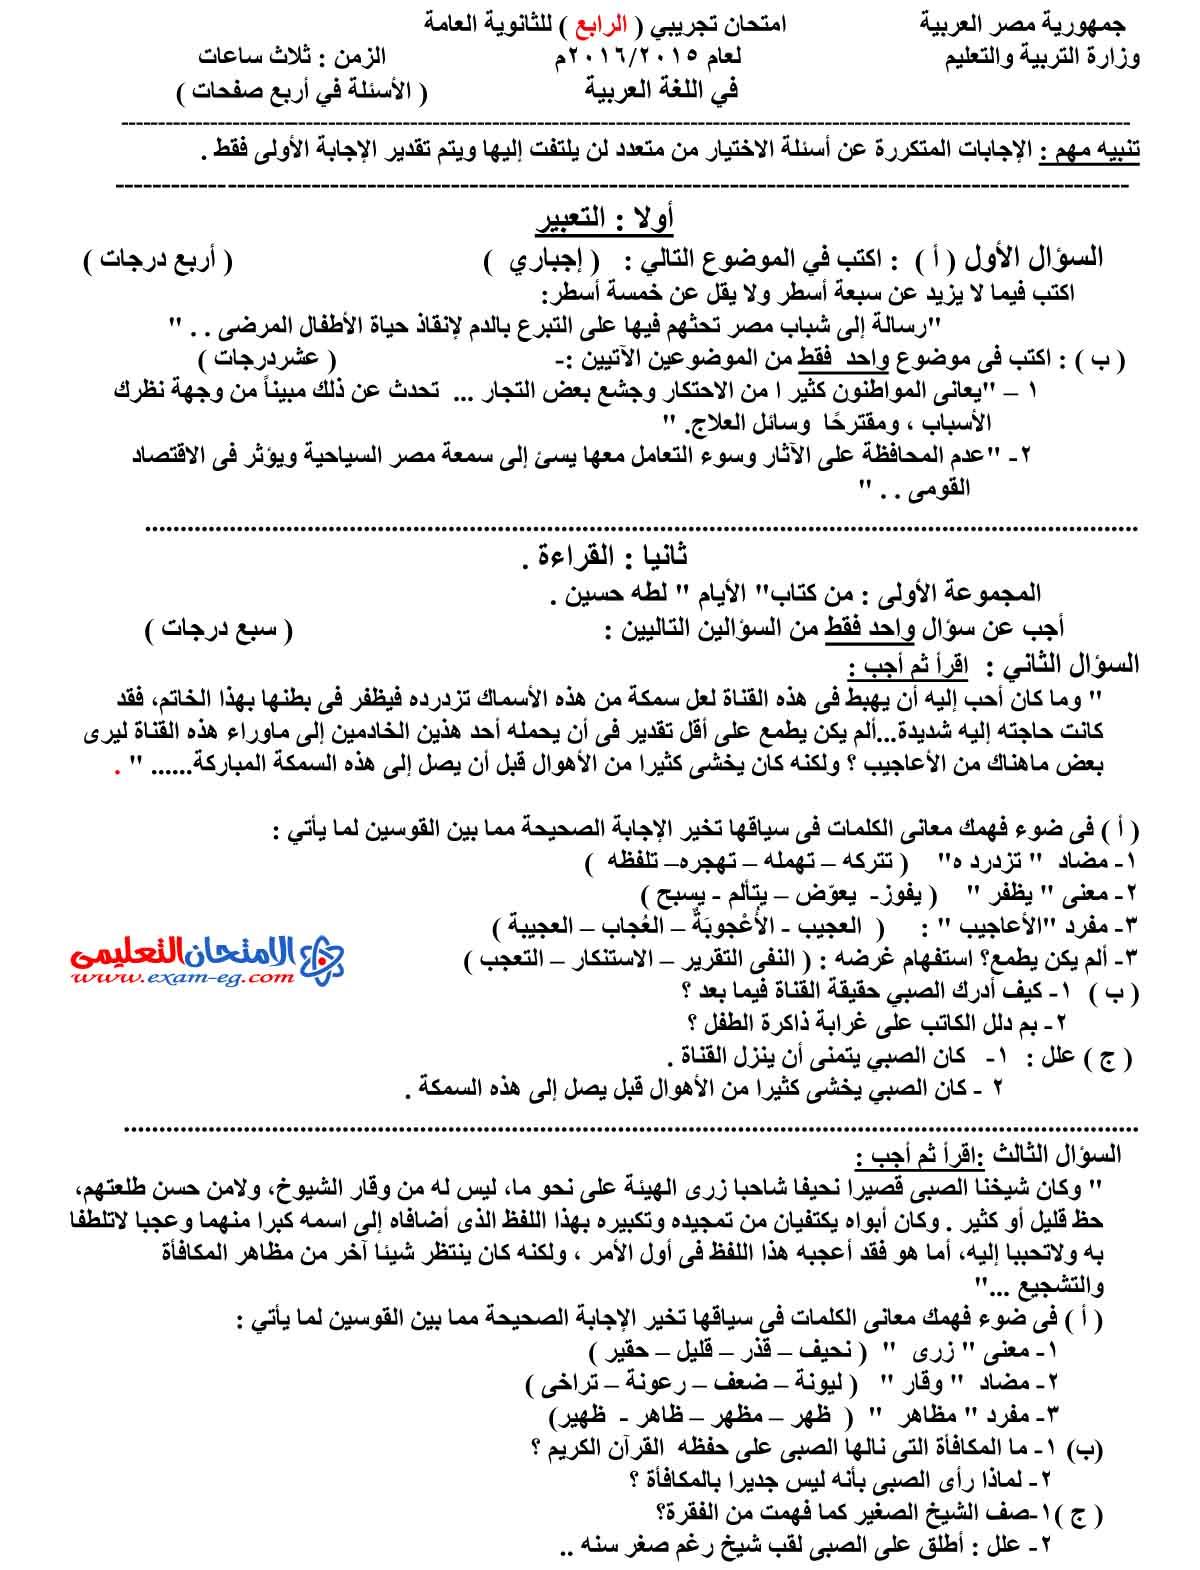 امتحان اللغة العربية 4 - مدرسة اون لاين (1)